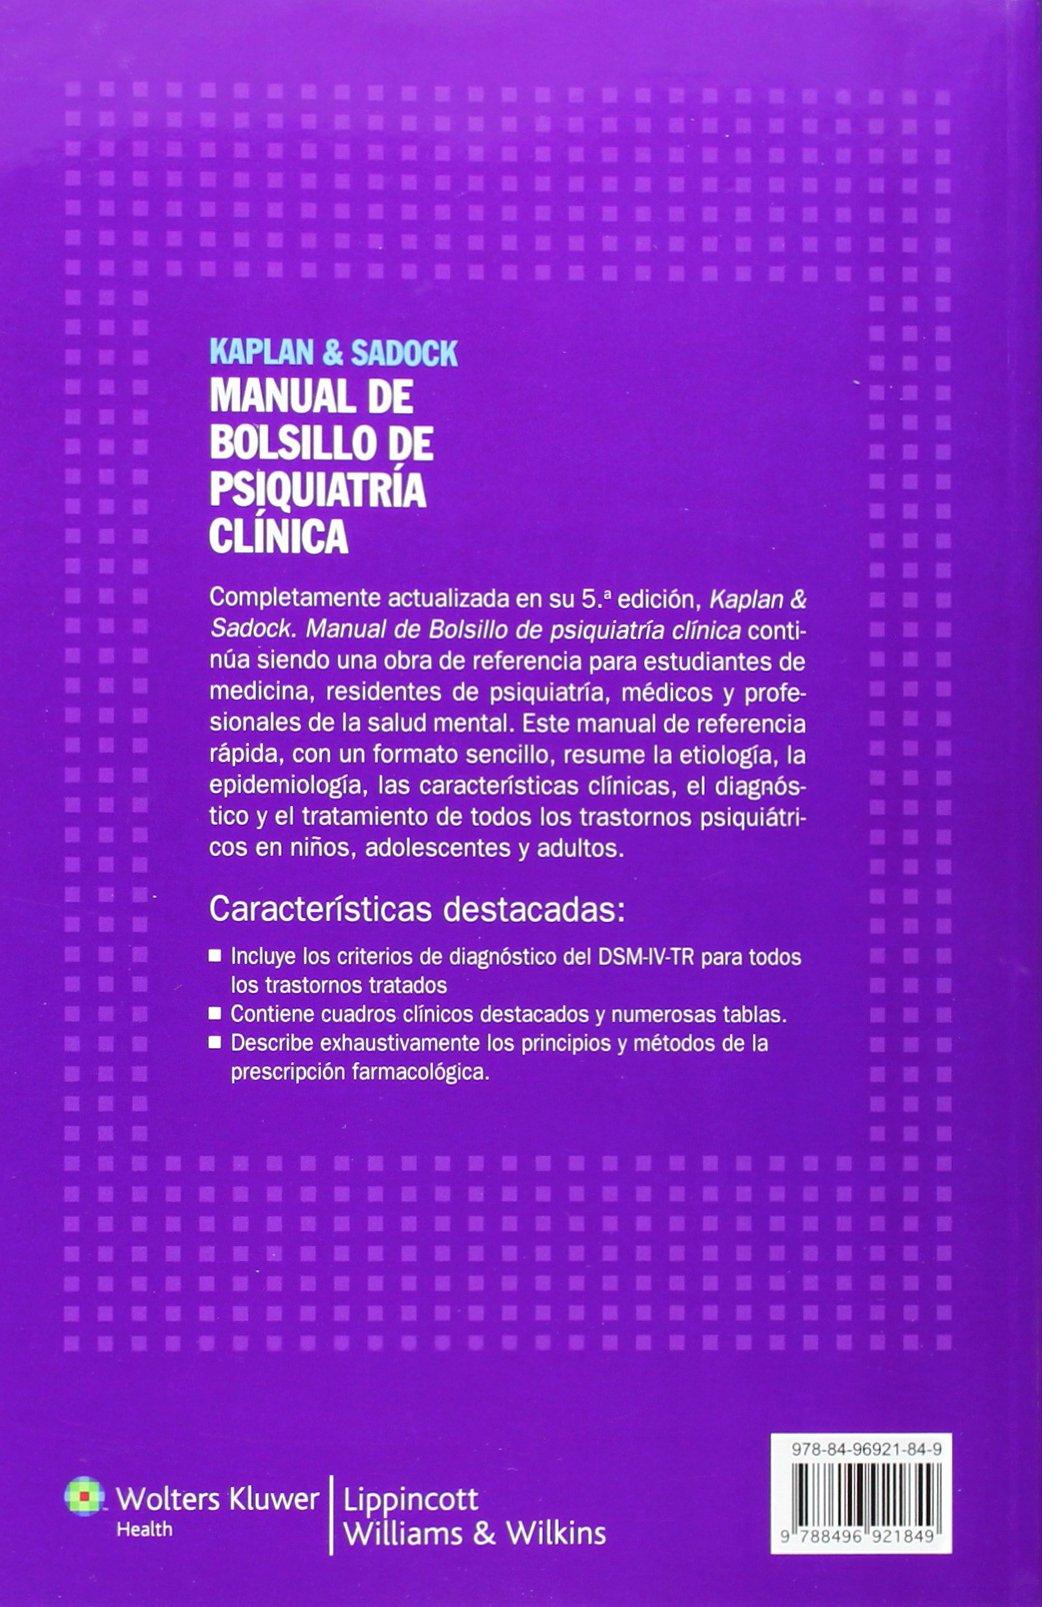 kaplan sadock manual de bolsillo de psiquiatria clinica amazon rh amazon co uk Kaplan and Sadock Editions Kaplan and Sadock 11th Edition